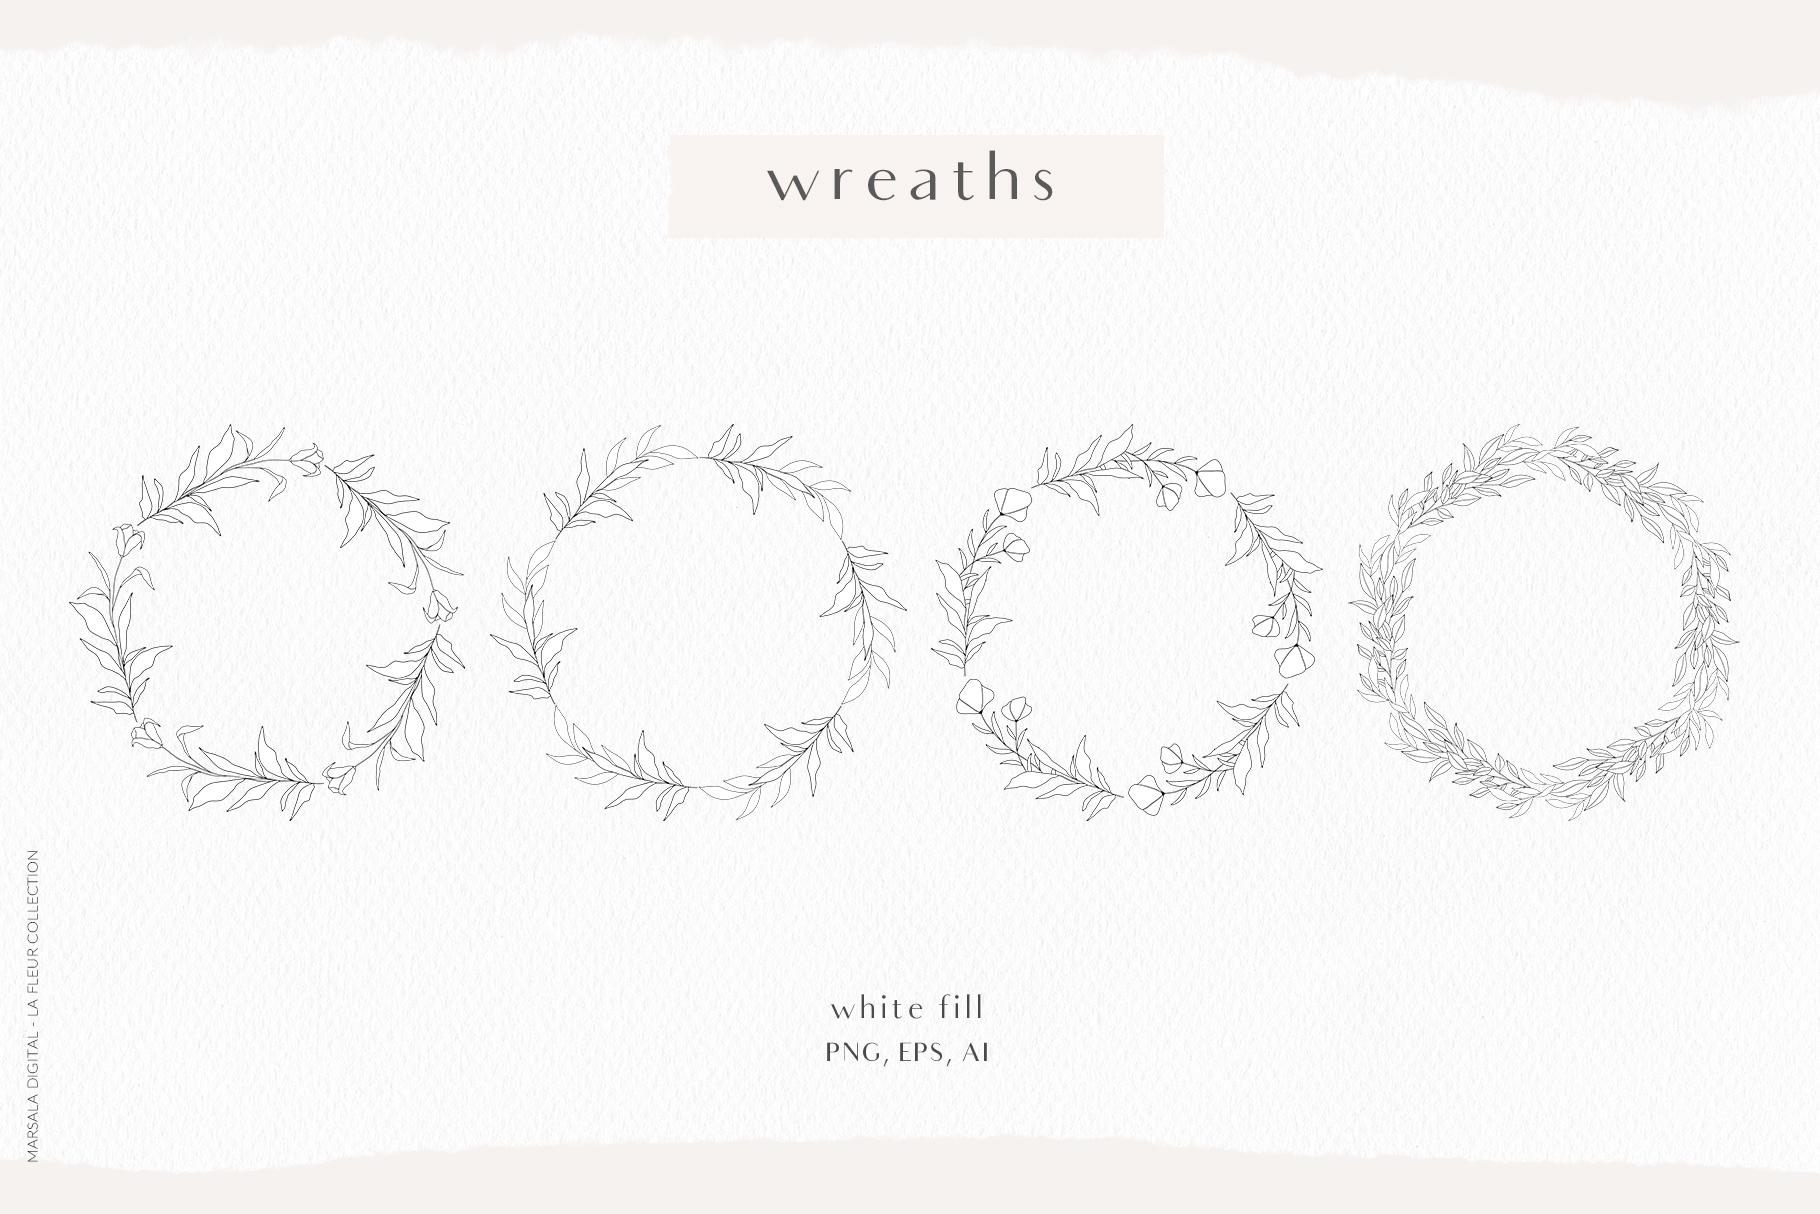 Floral Pencil Sketches Line Art - La fleur example image 3